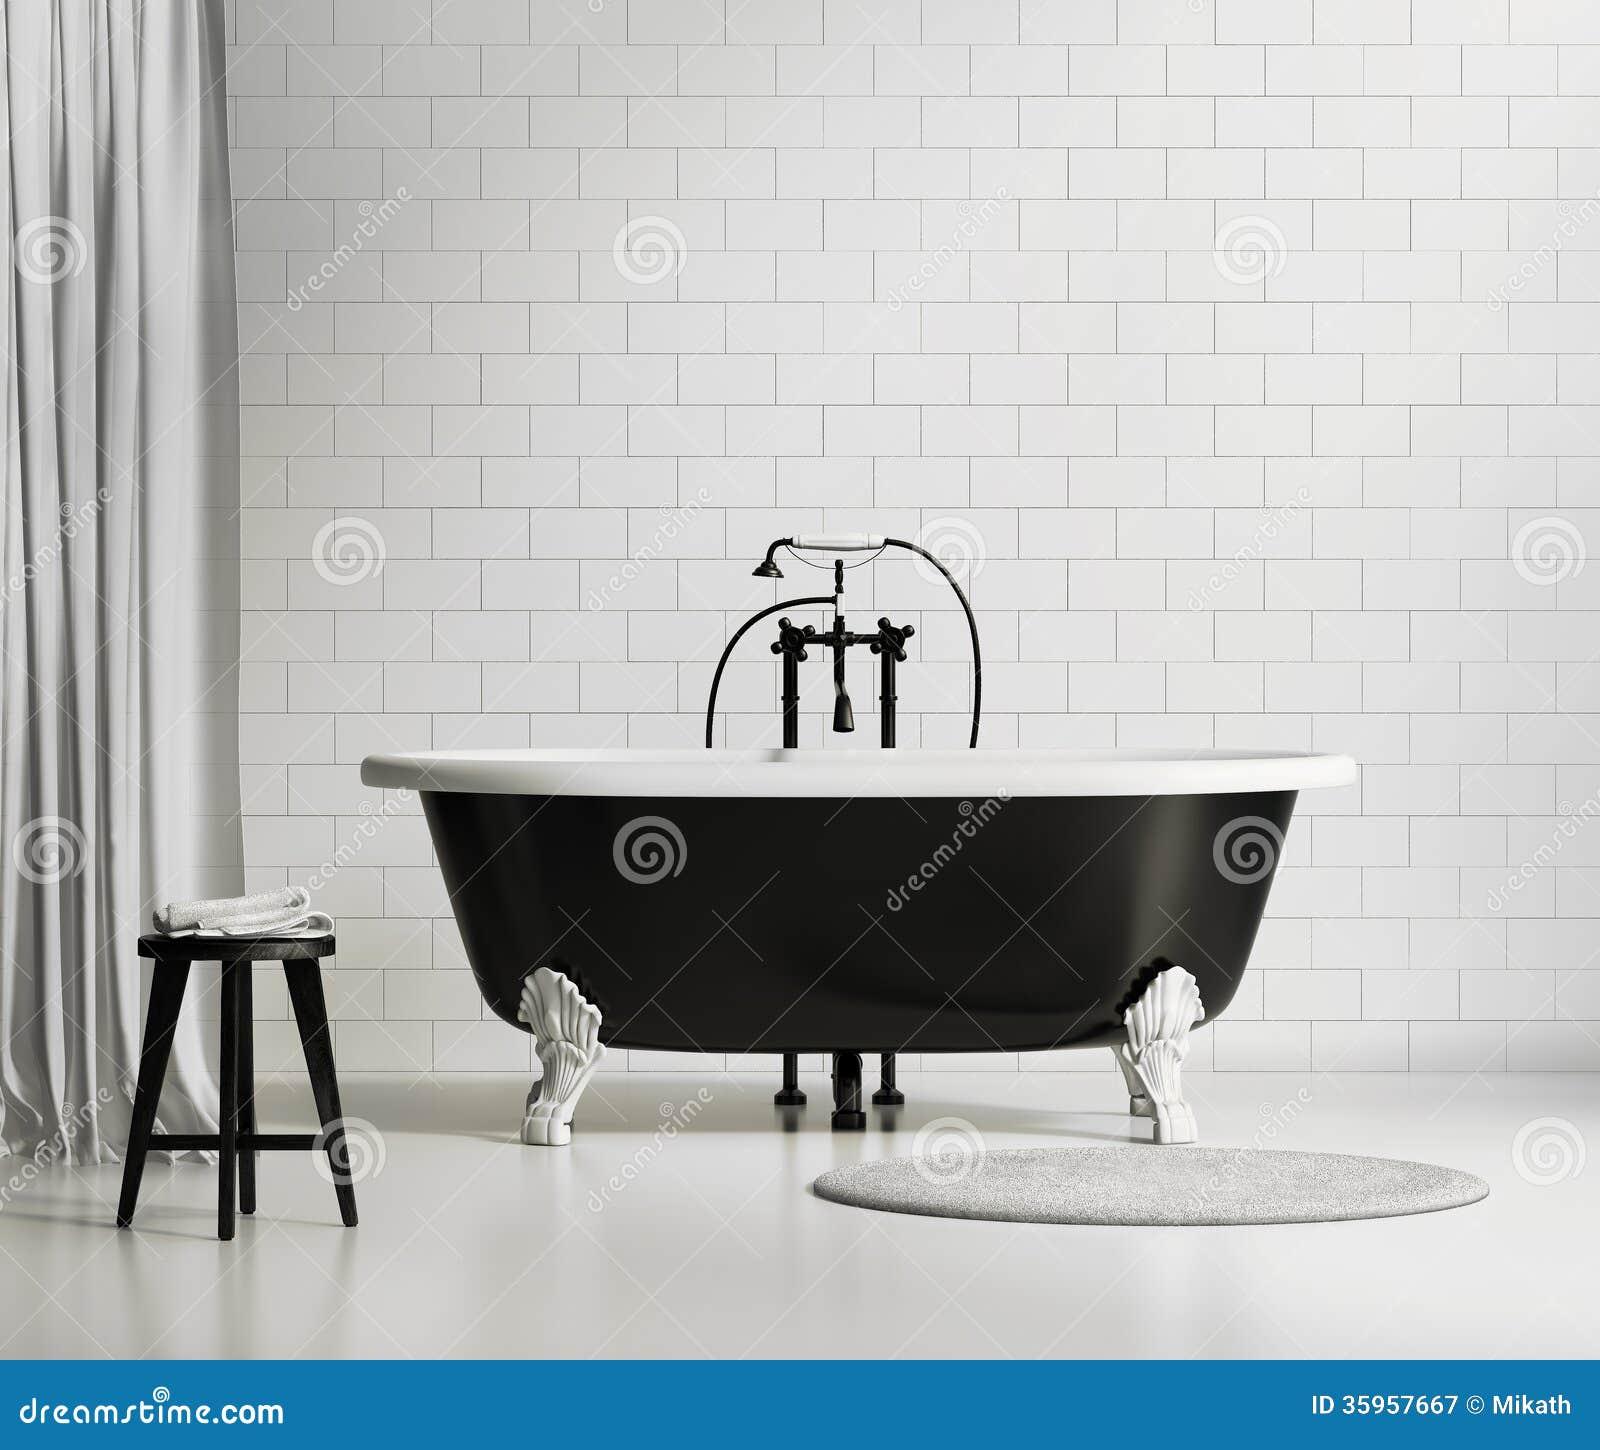 Svartvitt klassiskt badkar